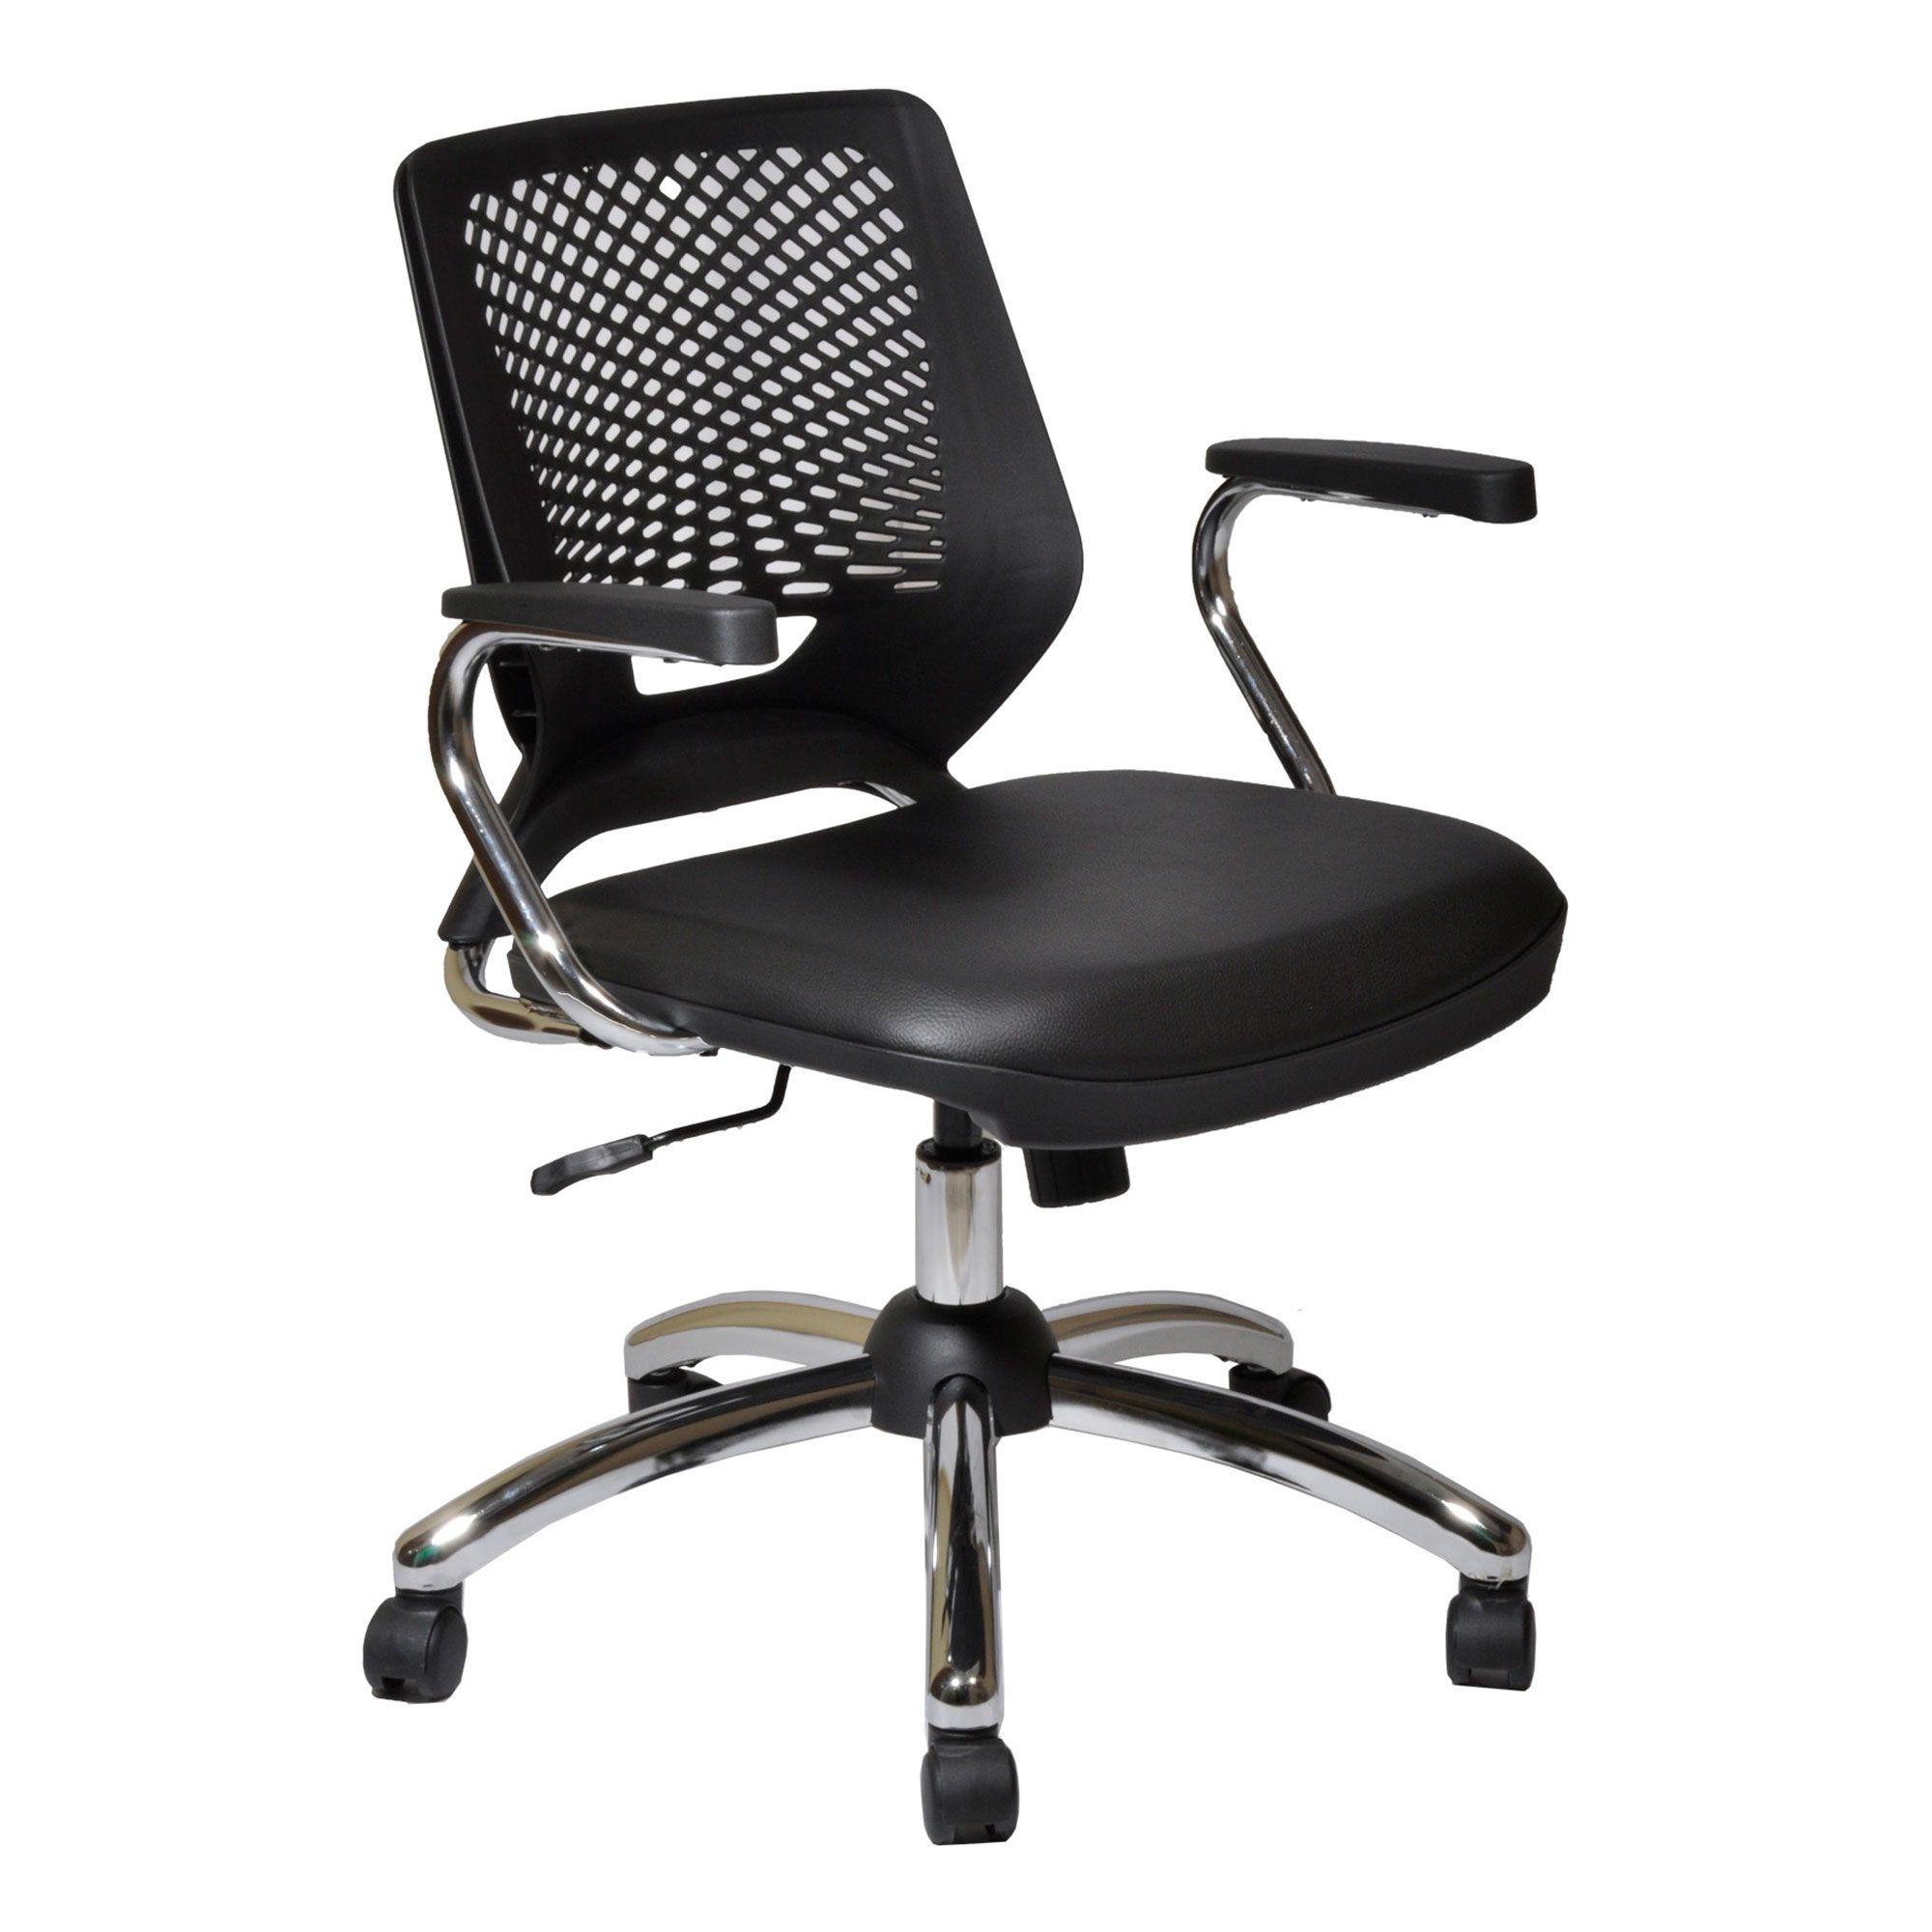 Cadeira Beezi revestida couro sintético Facto